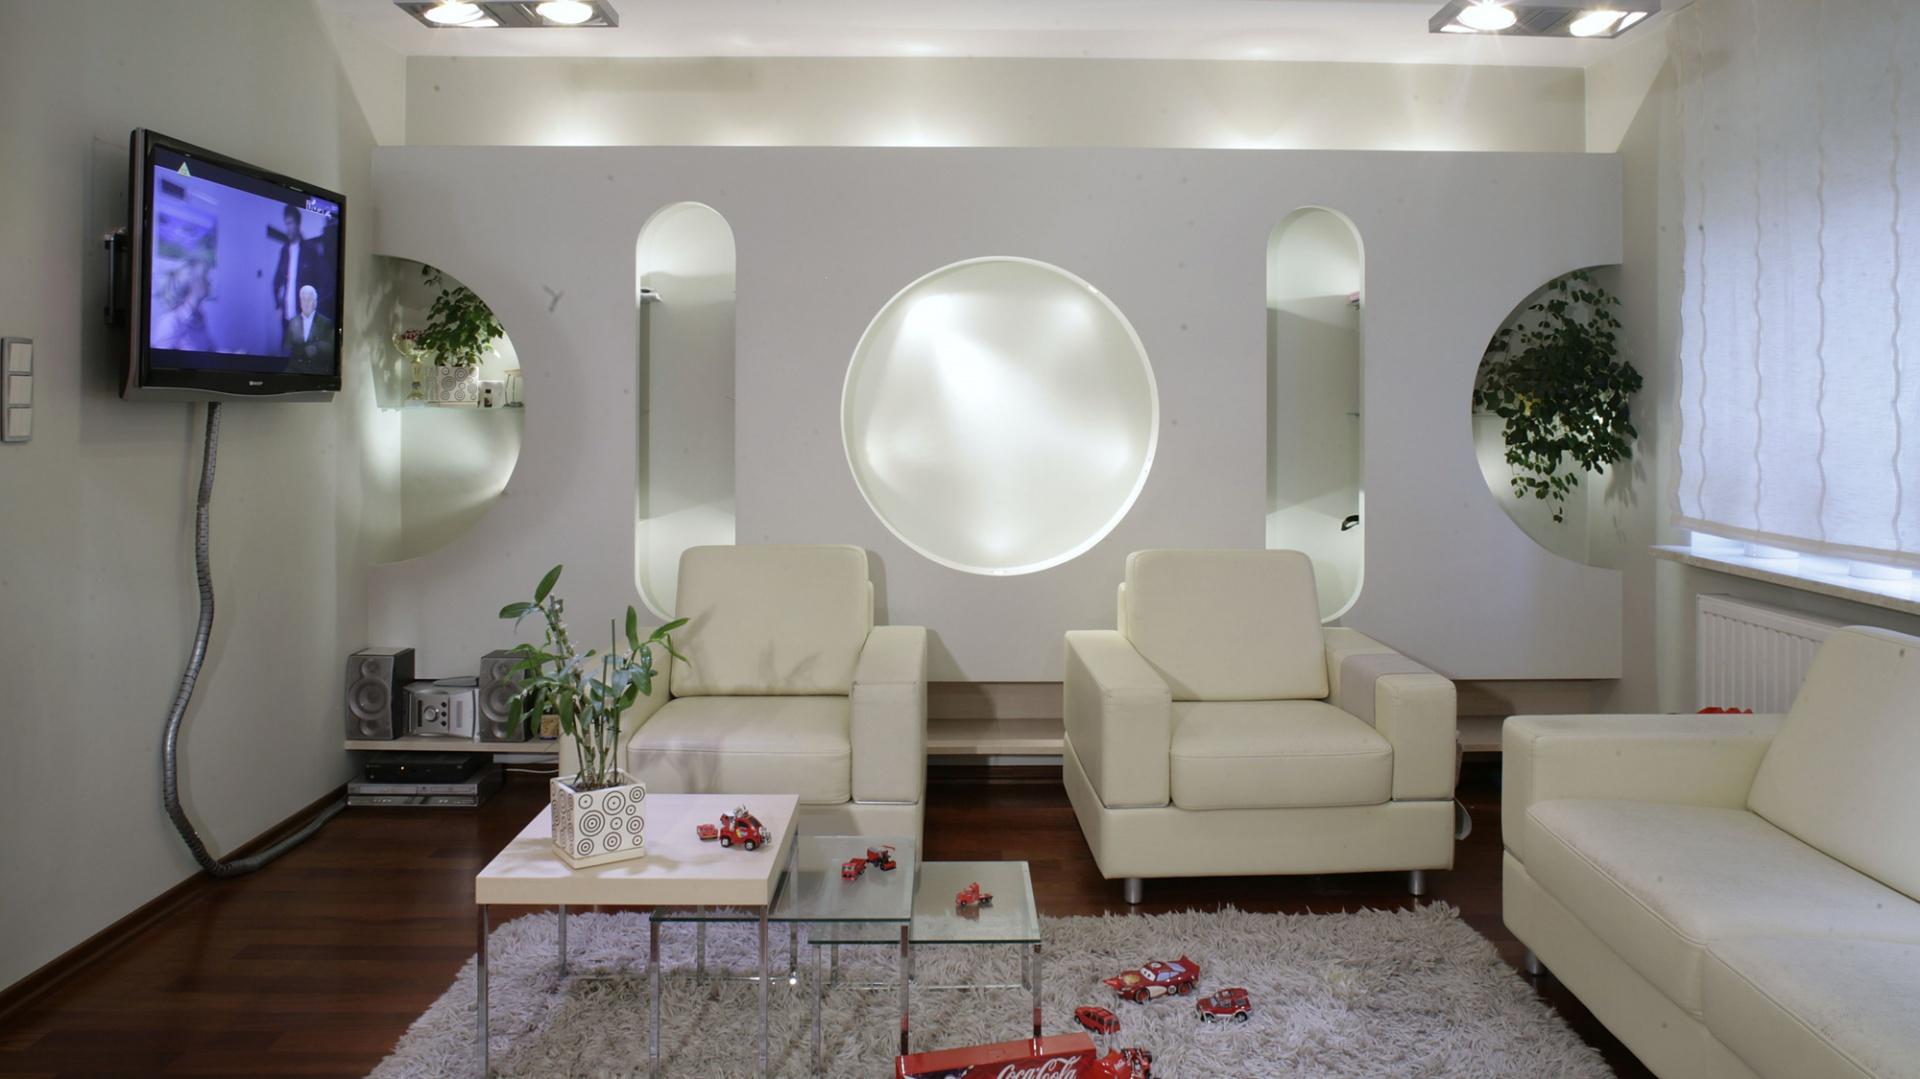 Półki zostały dyskretnie ukryte za geometrycznymi wcięciami w fantazyjnej ściance, a także za fotelami, tuż przy podłodze, na całej długości ściany. Dzięki temu w samym salonie jest o wiele więcej wolnego miejsca. Fot. Monika Filipiuk.